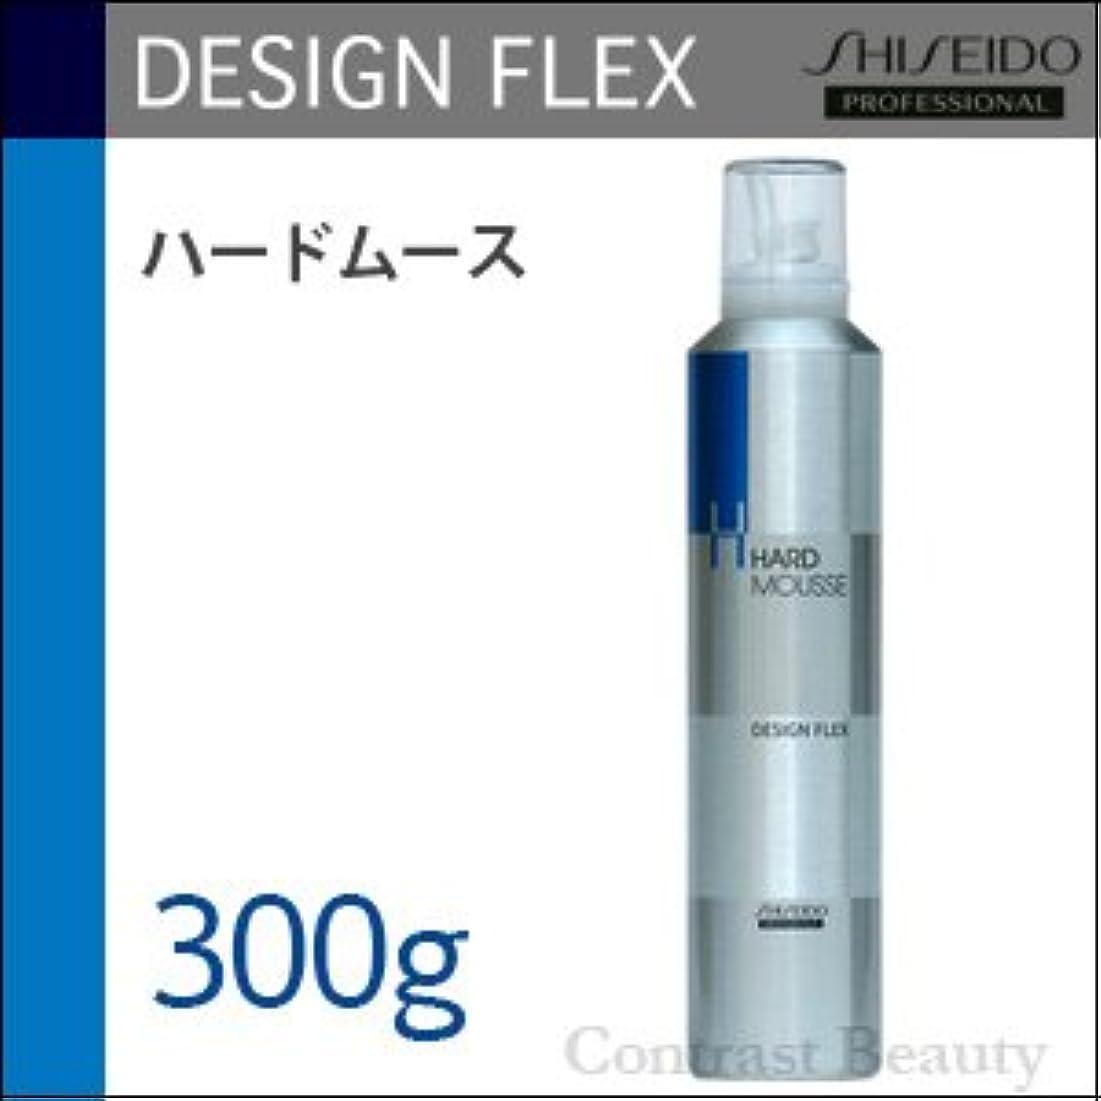 シリンダー快い酒【x3個セット】 資生堂 デザインフレックス ハードムース 300g